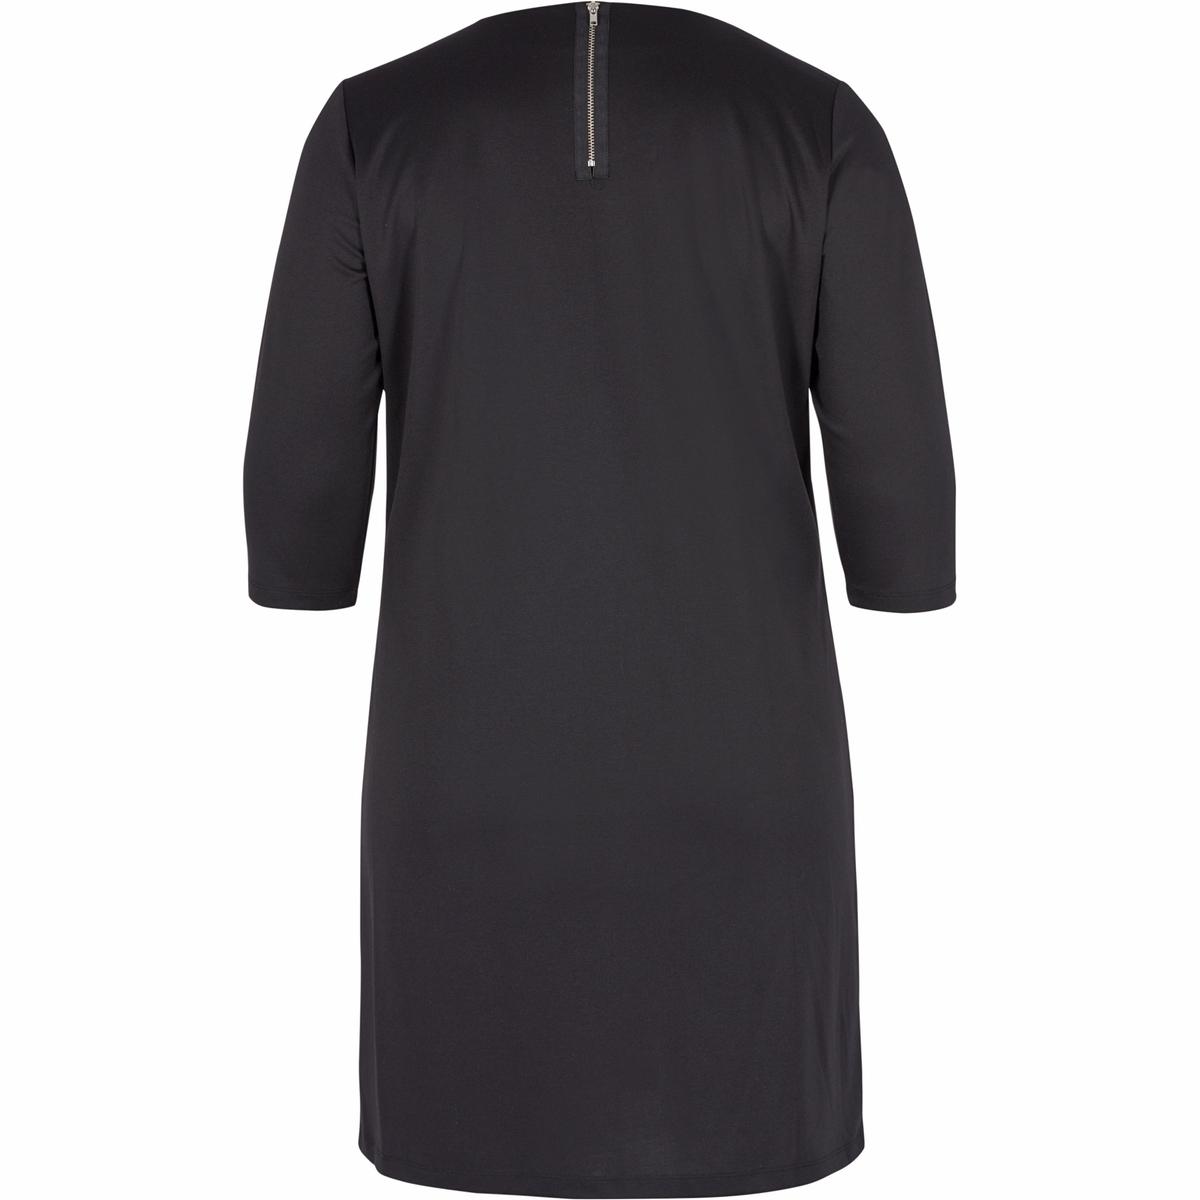 ПлатьеПлатье с рукавами 3/4 - ZIZZI. 95% полиэстера, 5% эластана. Красивое платье с рукавами 3/4 и круглым вырезом. Можно надевать для любого случая<br><br>Цвет: черный<br>Размер: 54/56 (FR) - 60/62 (RUS).46/48 (FR) - 52/54 (RUS)